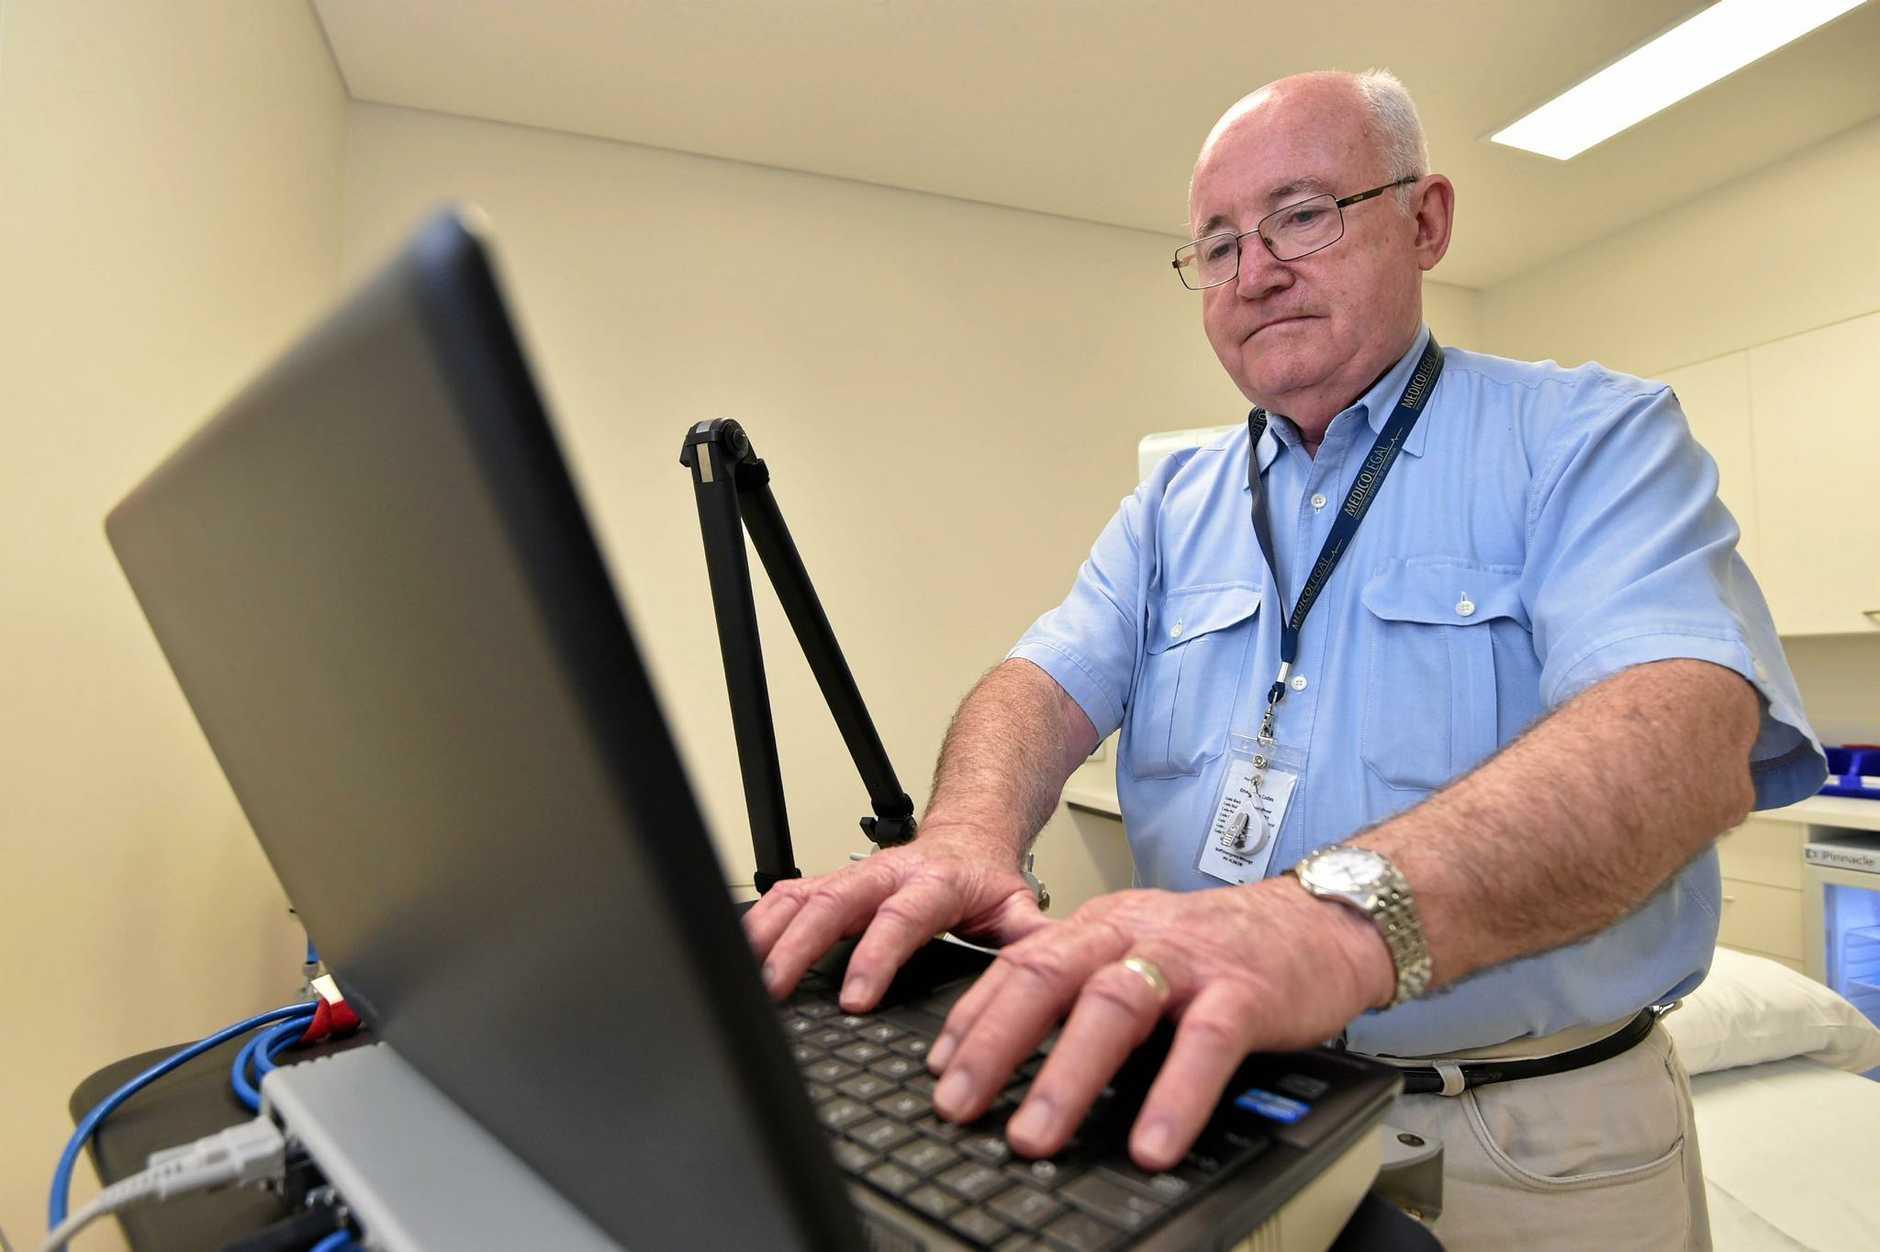 Neurologist - Dr. Geoffrey Boyce at St. Stephen's Hospital.